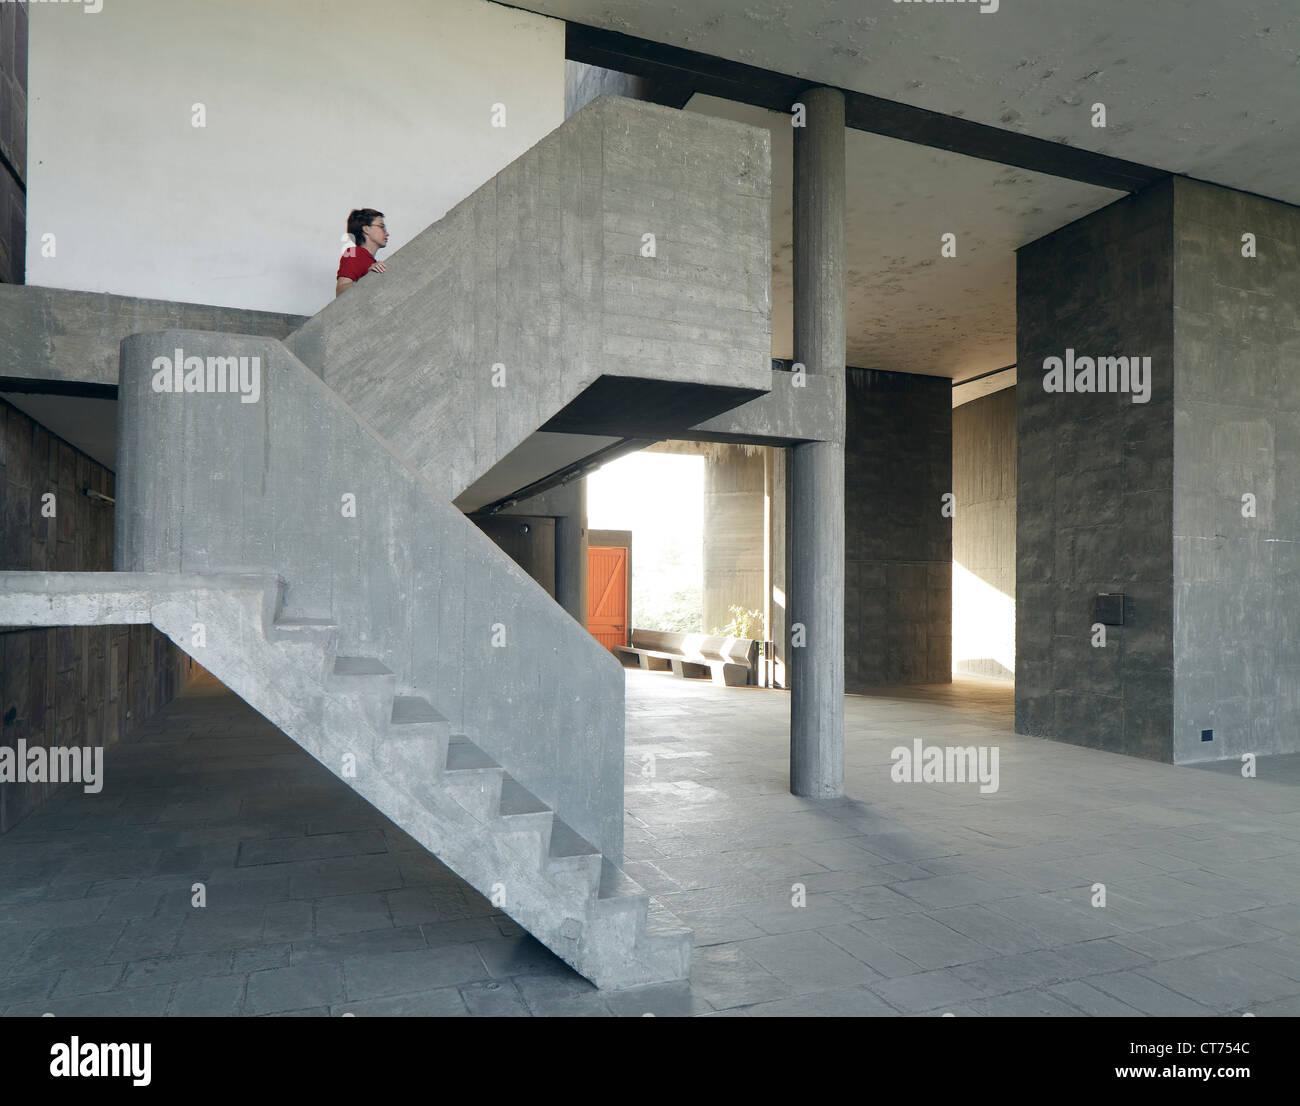 Treppe Ohne Geländer eigentümer verein mühlengebäude ahmedabad indien architekt le